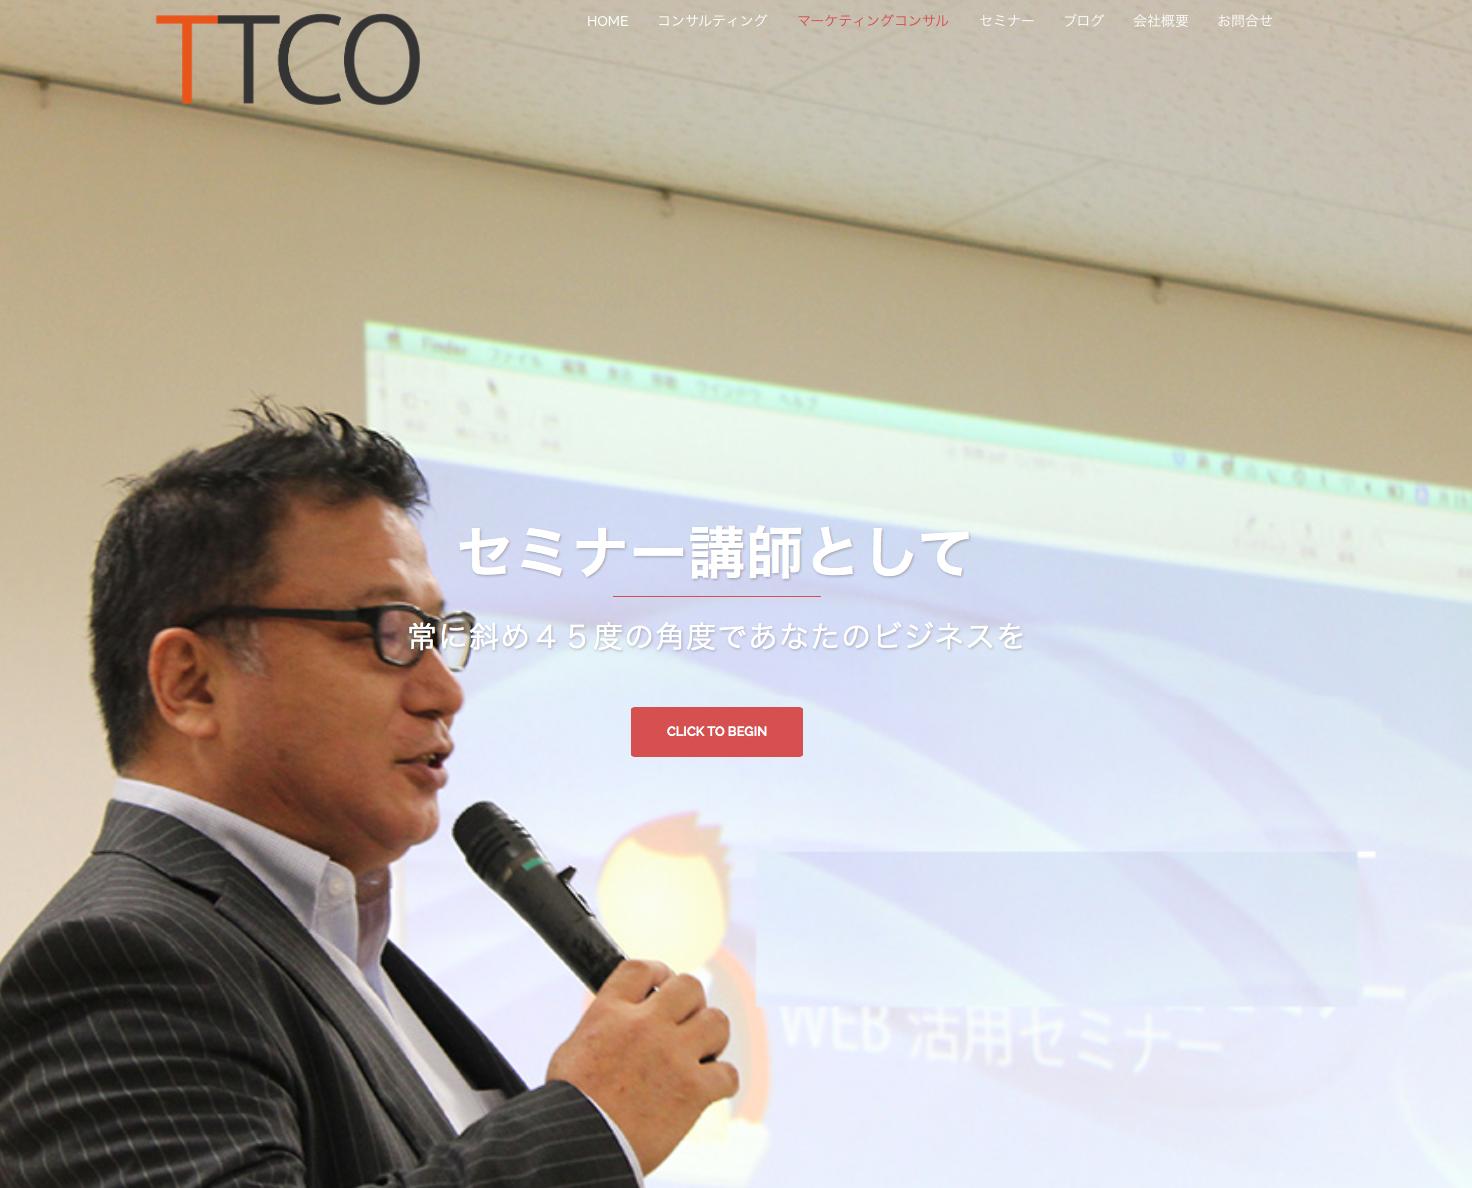 ttco 竹内徹コンサルティングオフィス